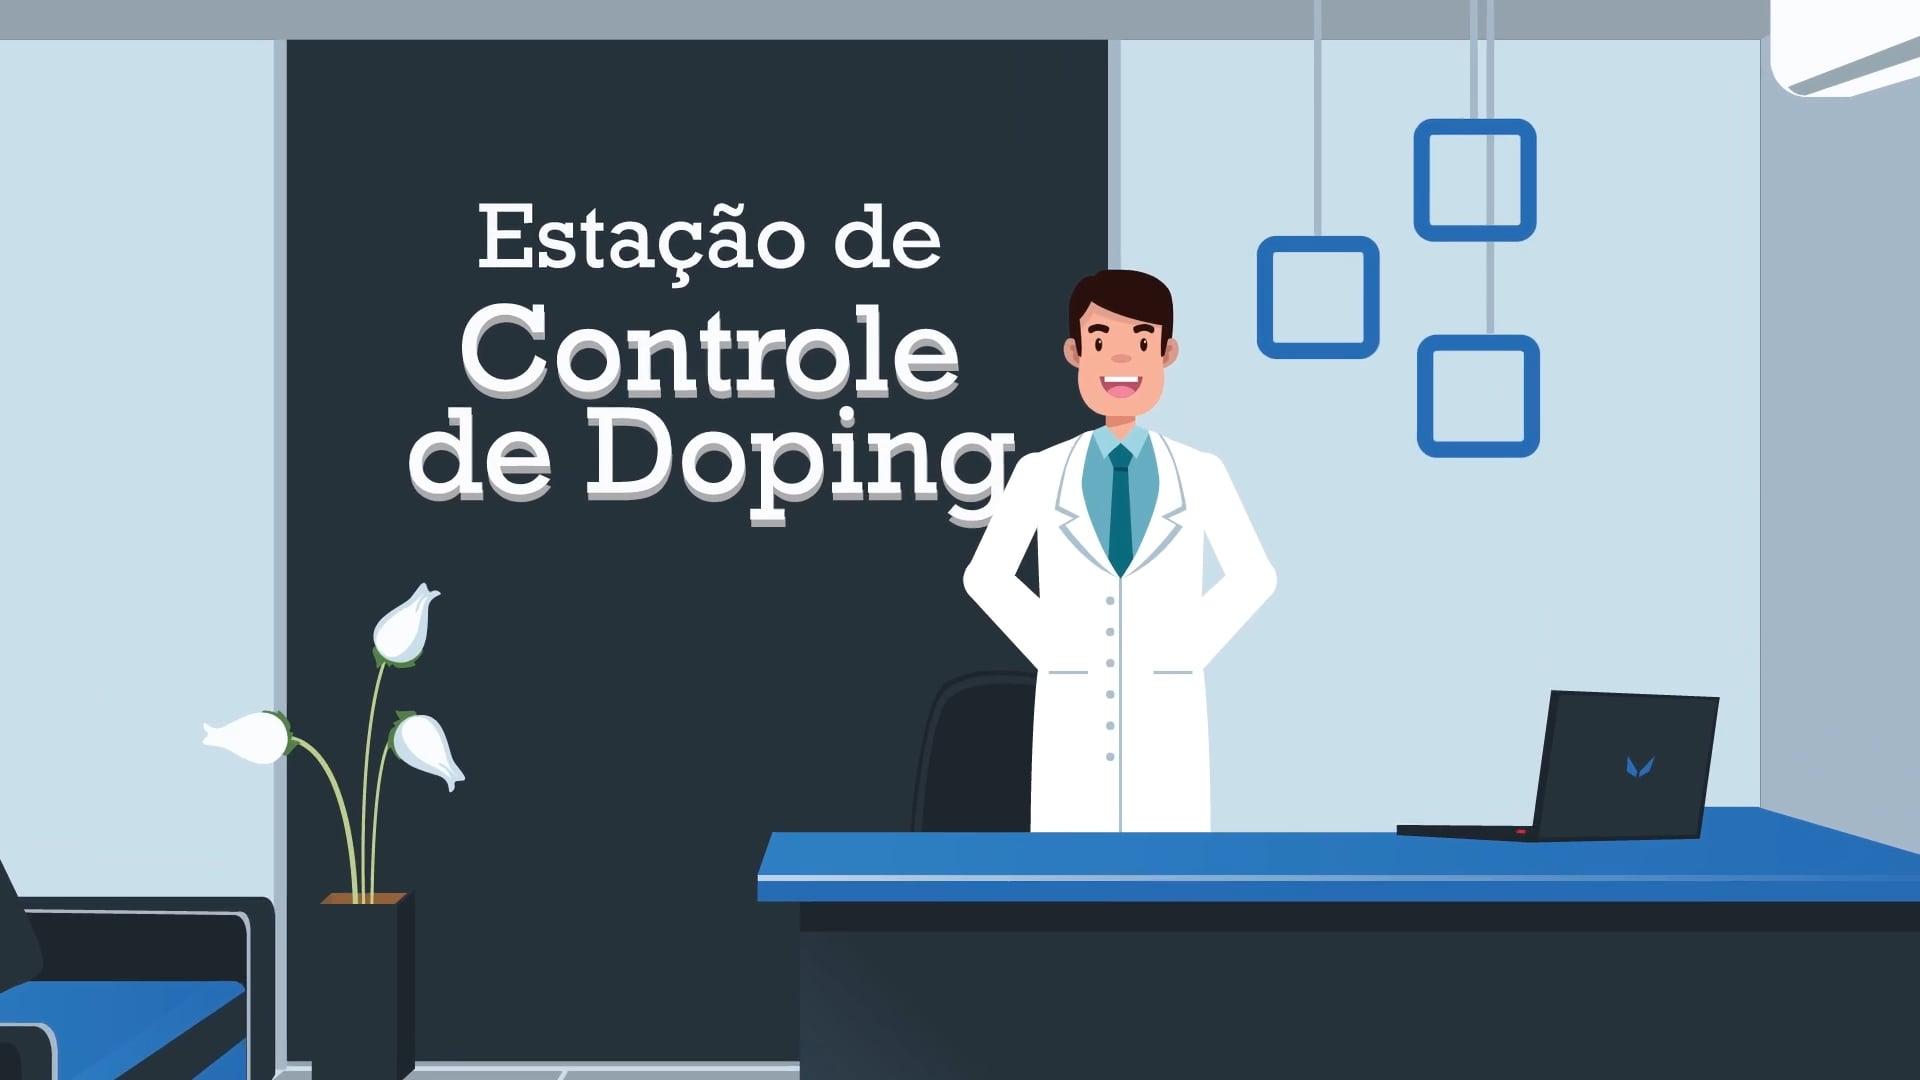 COB - Controle de Doping